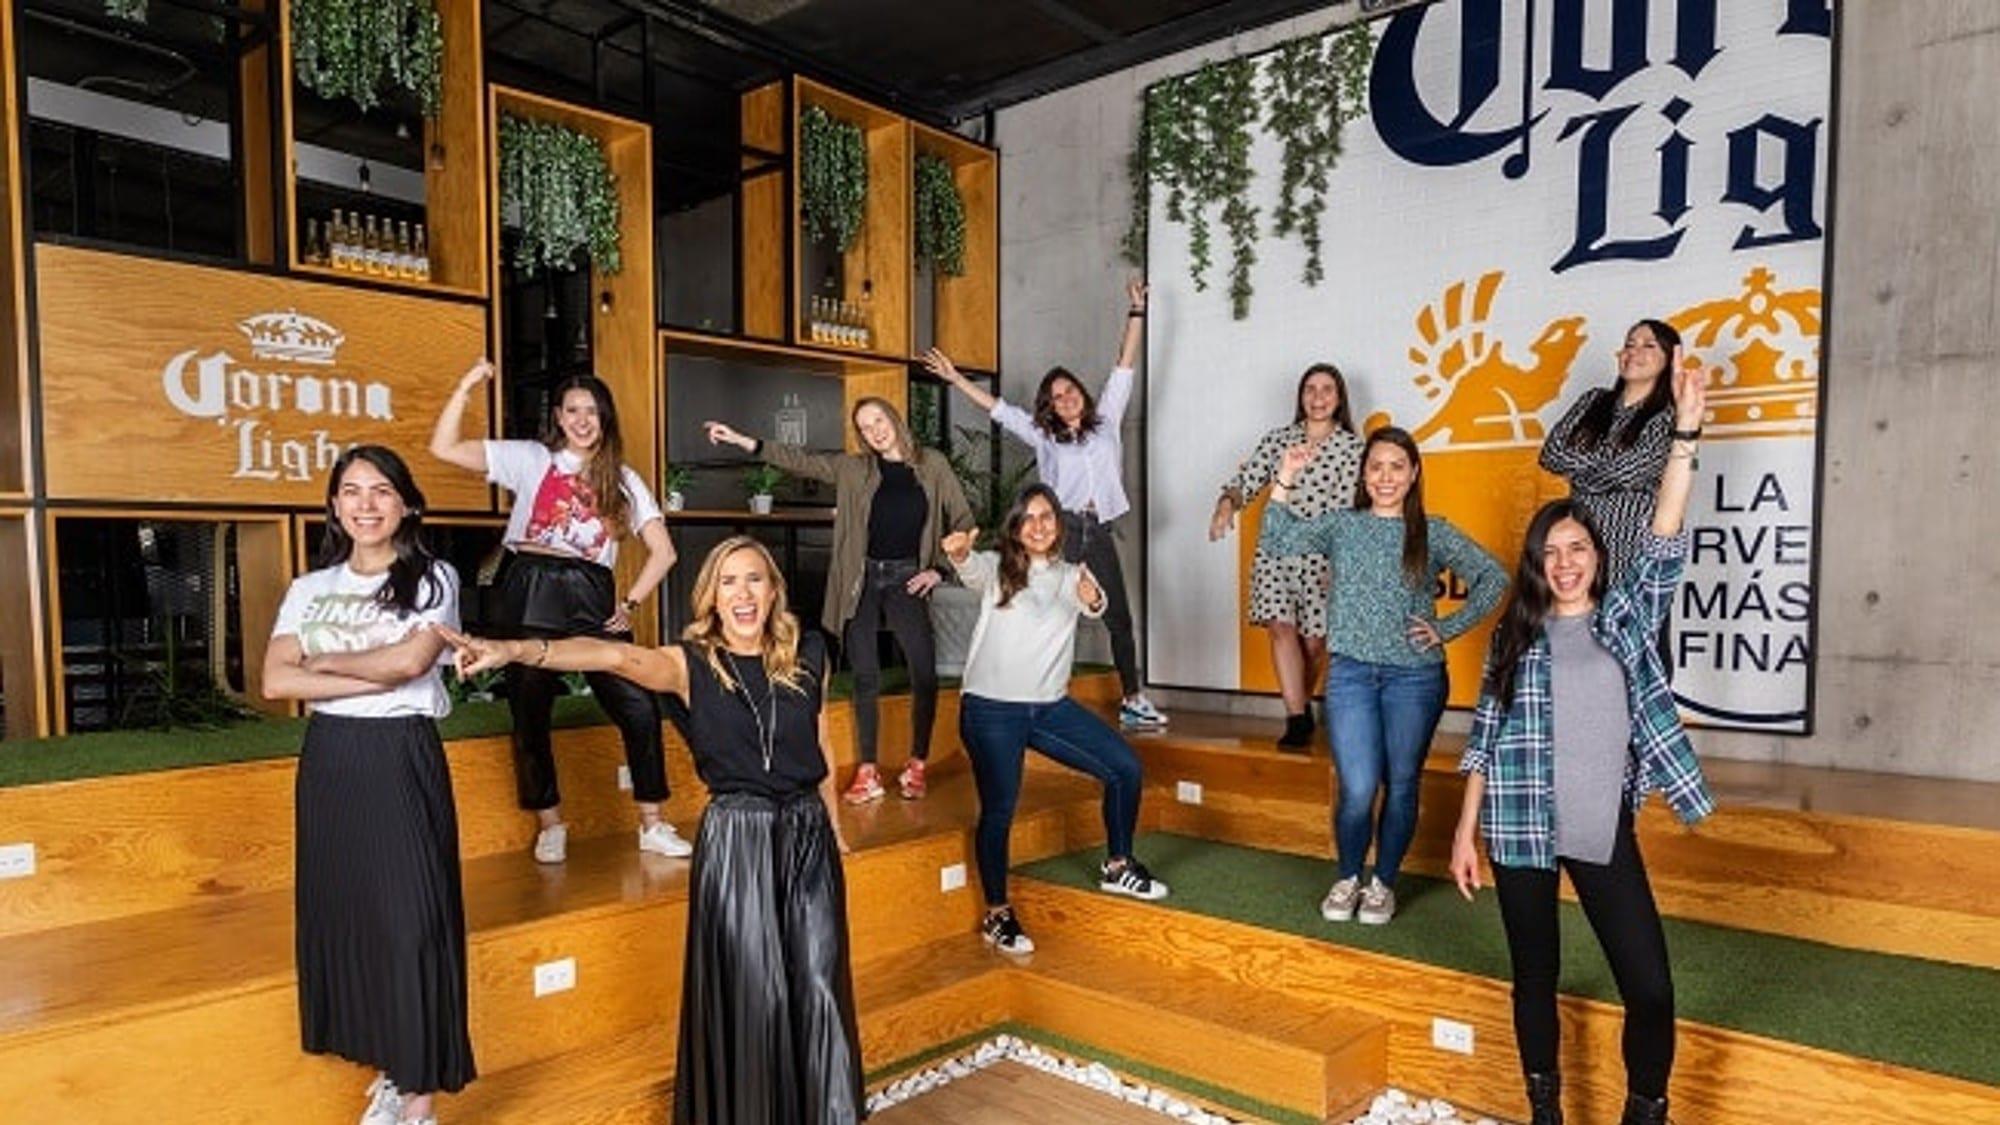 Mujeres brillando en la industria cervecera